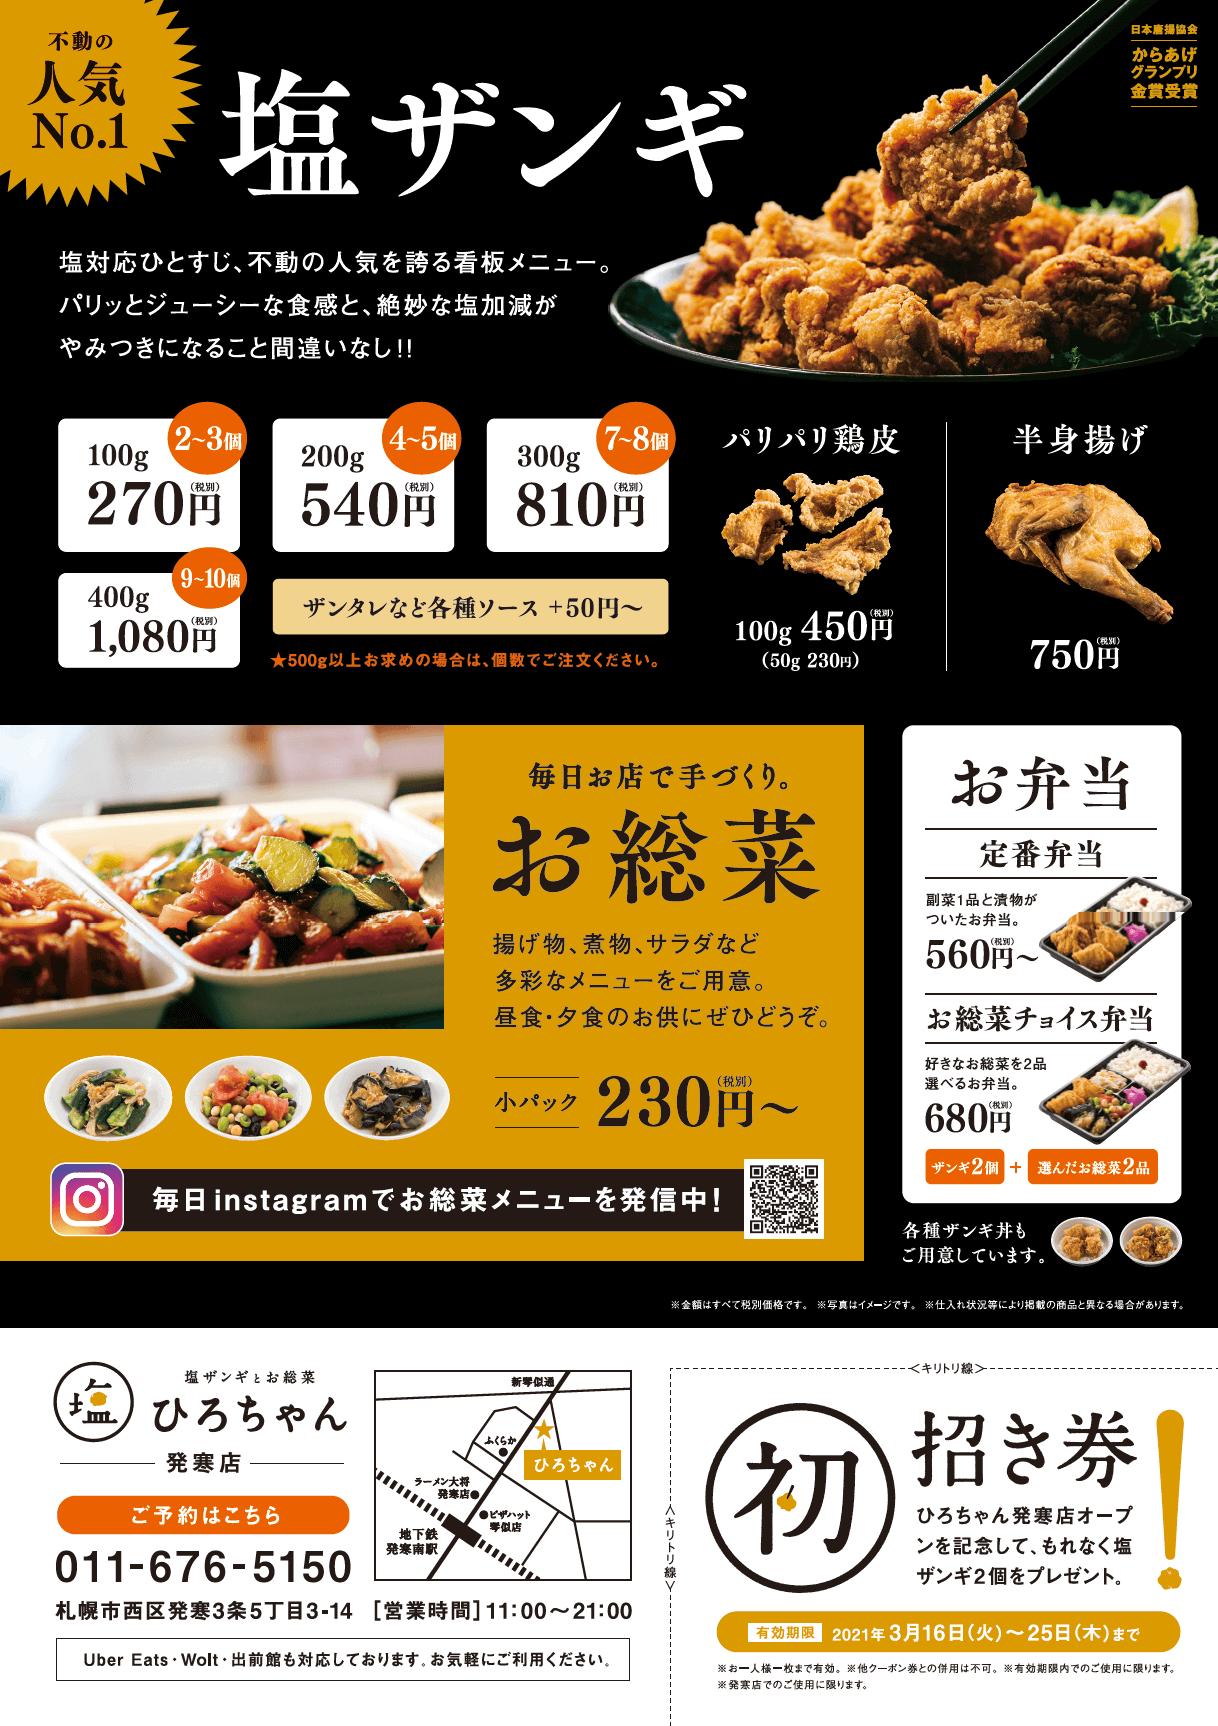 塩ザンギとお総菜 ひろちゃん 発寒店オープンのポスター(裏)